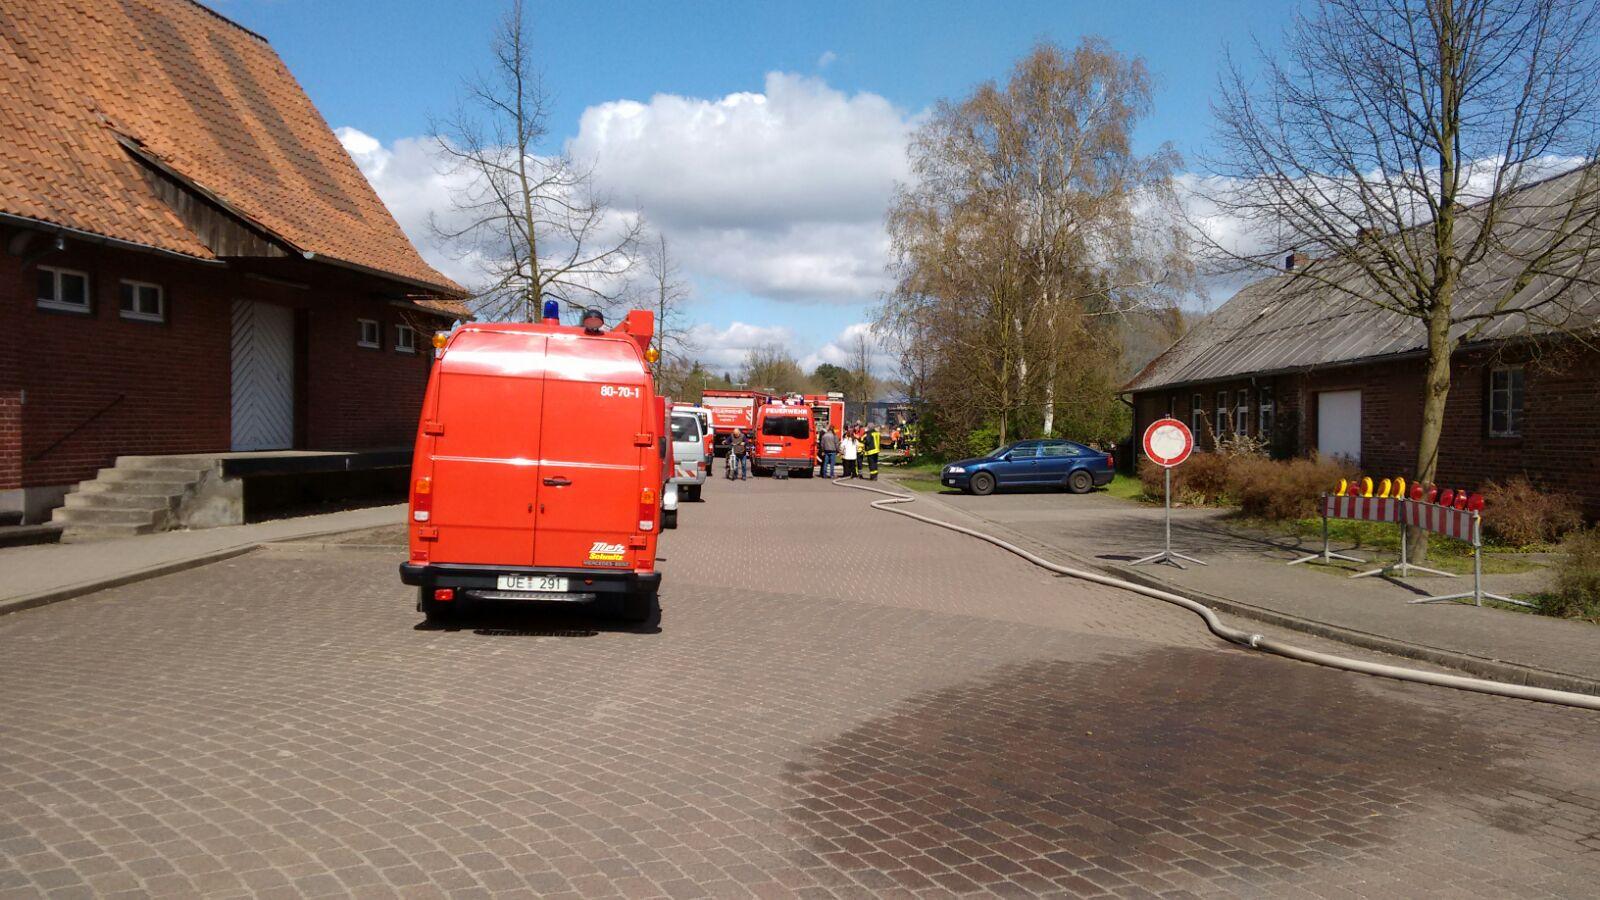 078. Schadstoffmessung nach Gebäudebrand